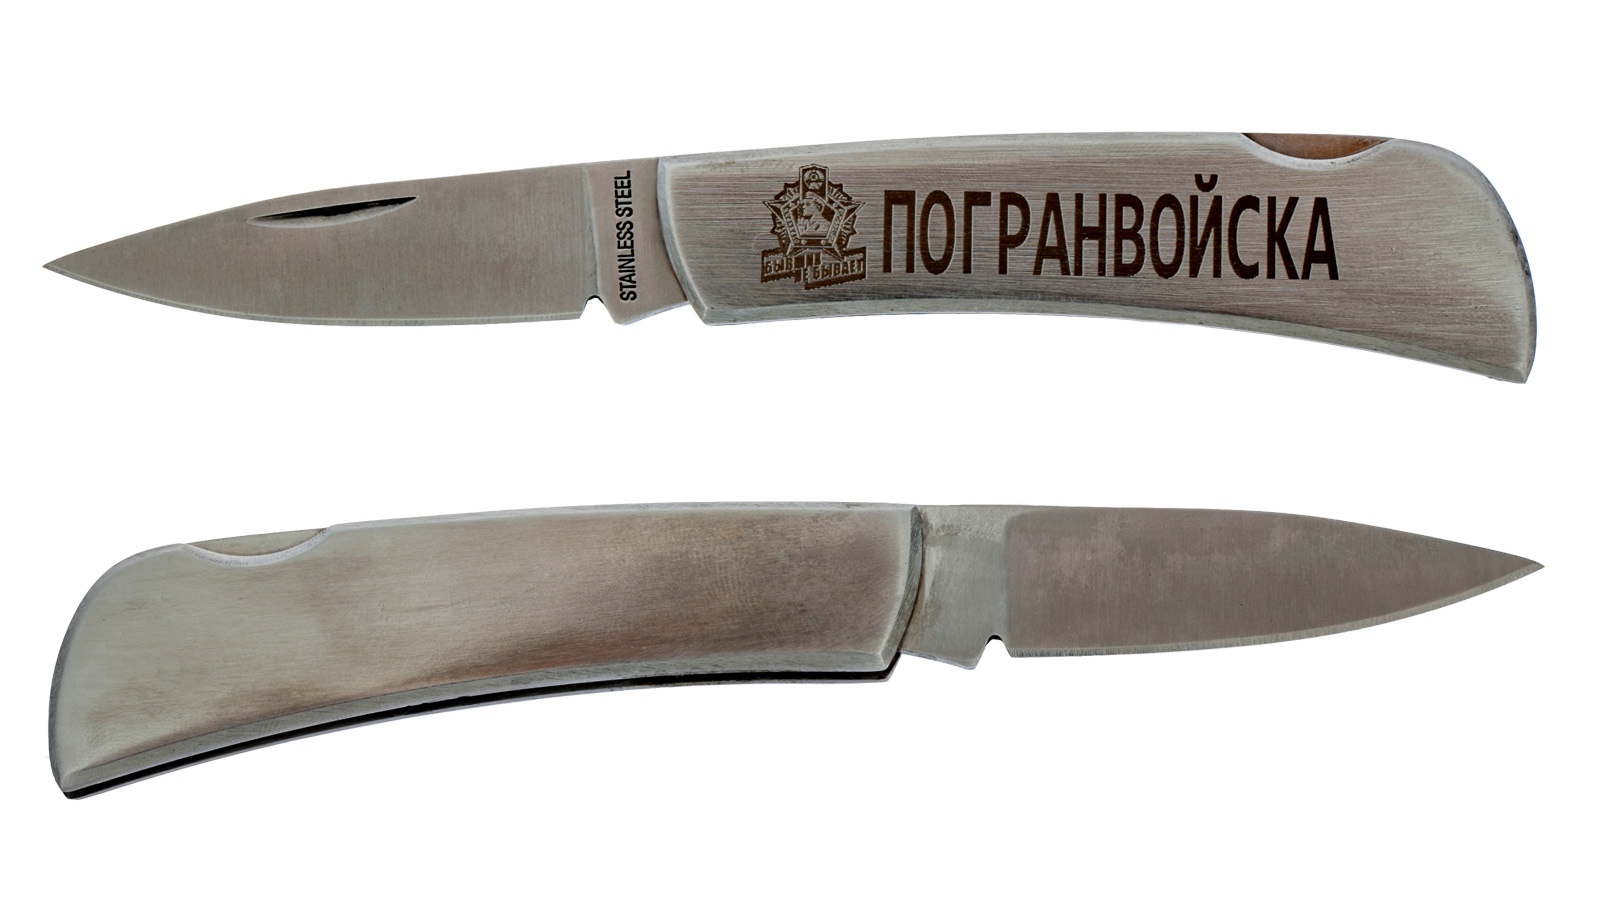 """Эксклюзивный складной нож """"Погранвойска"""" с гравировкой"""